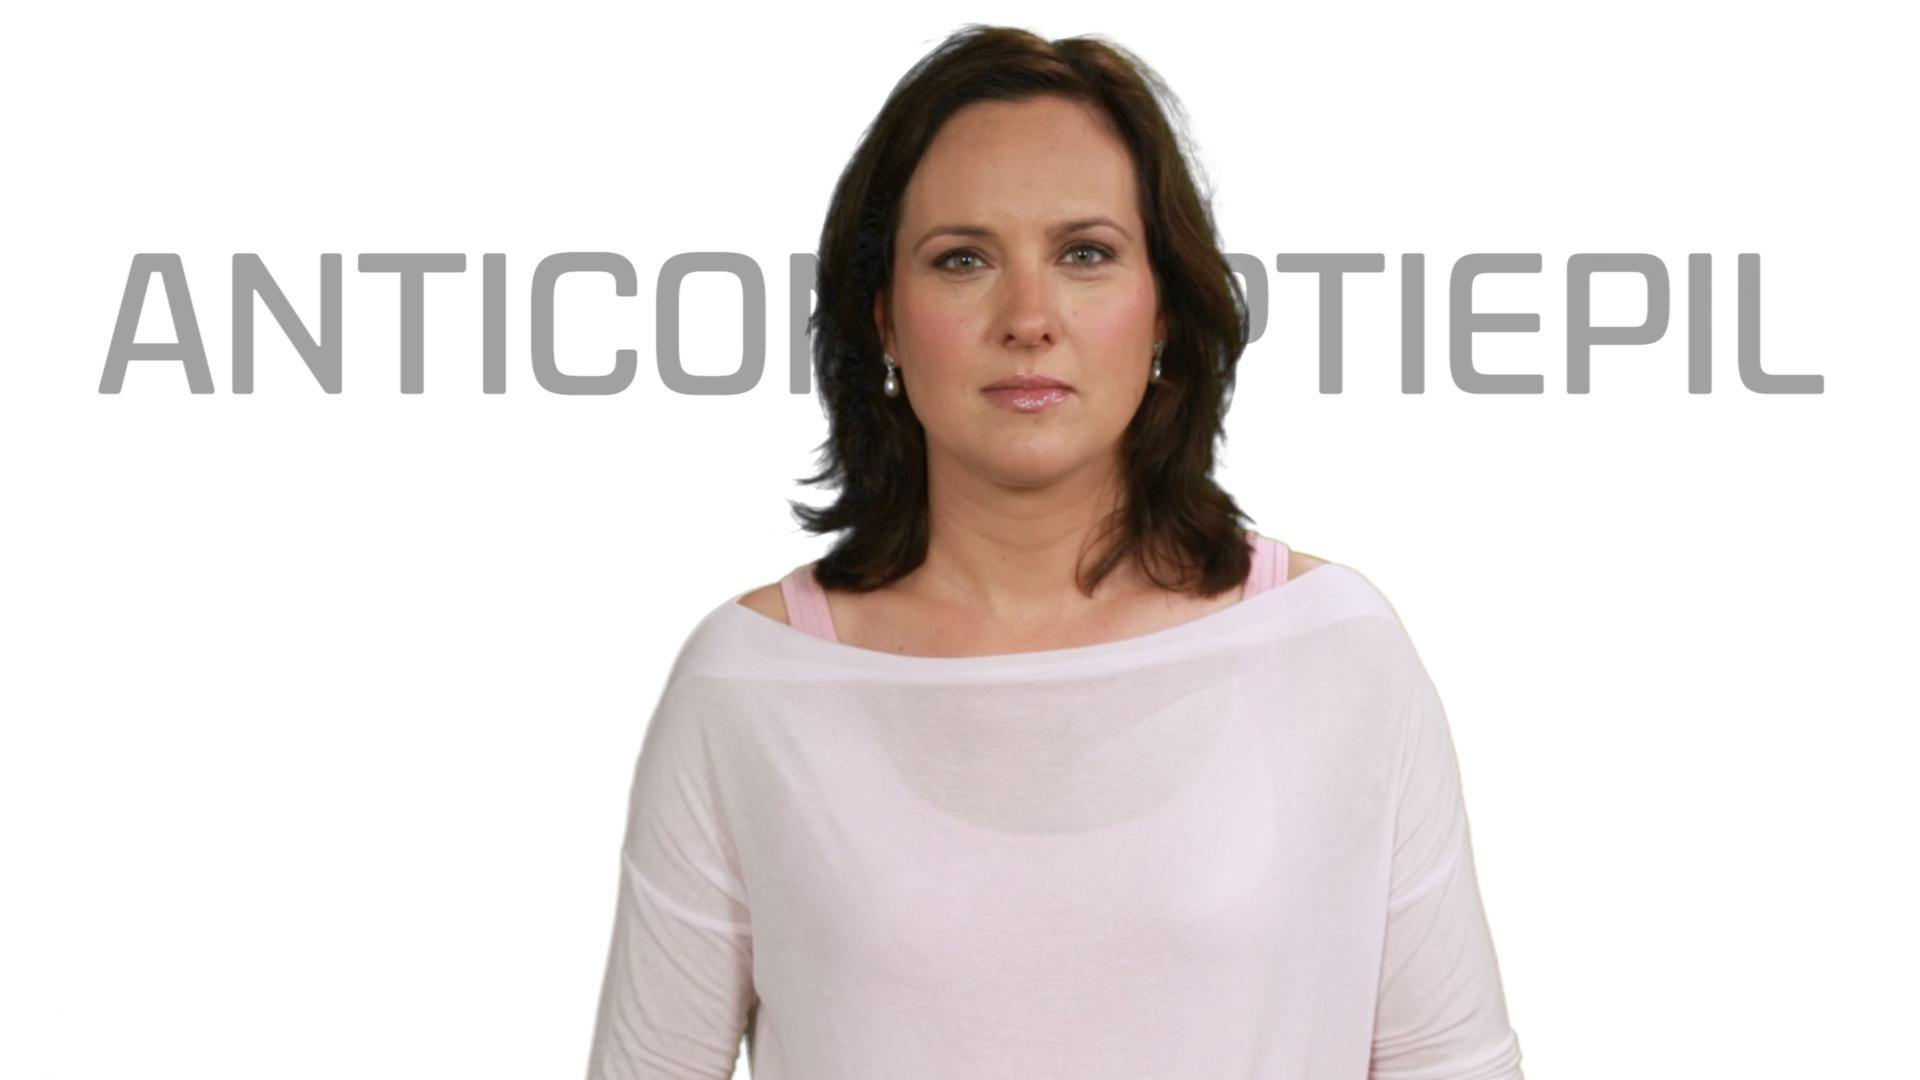 Bekijk de video: Anticonceptiepil